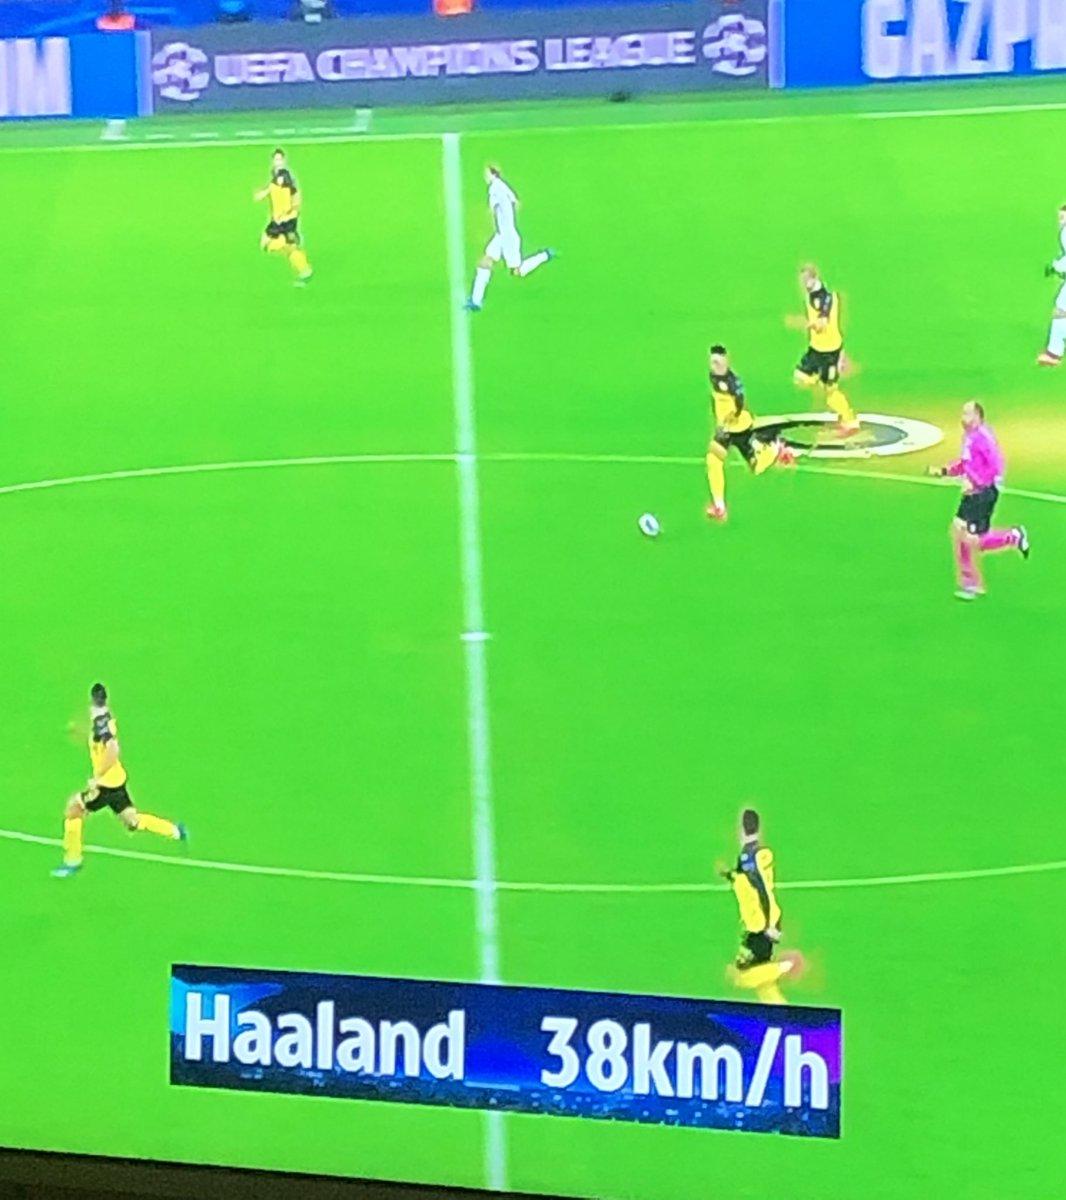 Eivind Skjervum On Twitter Did Haaland Reach A Top Speed Of 38 Km H